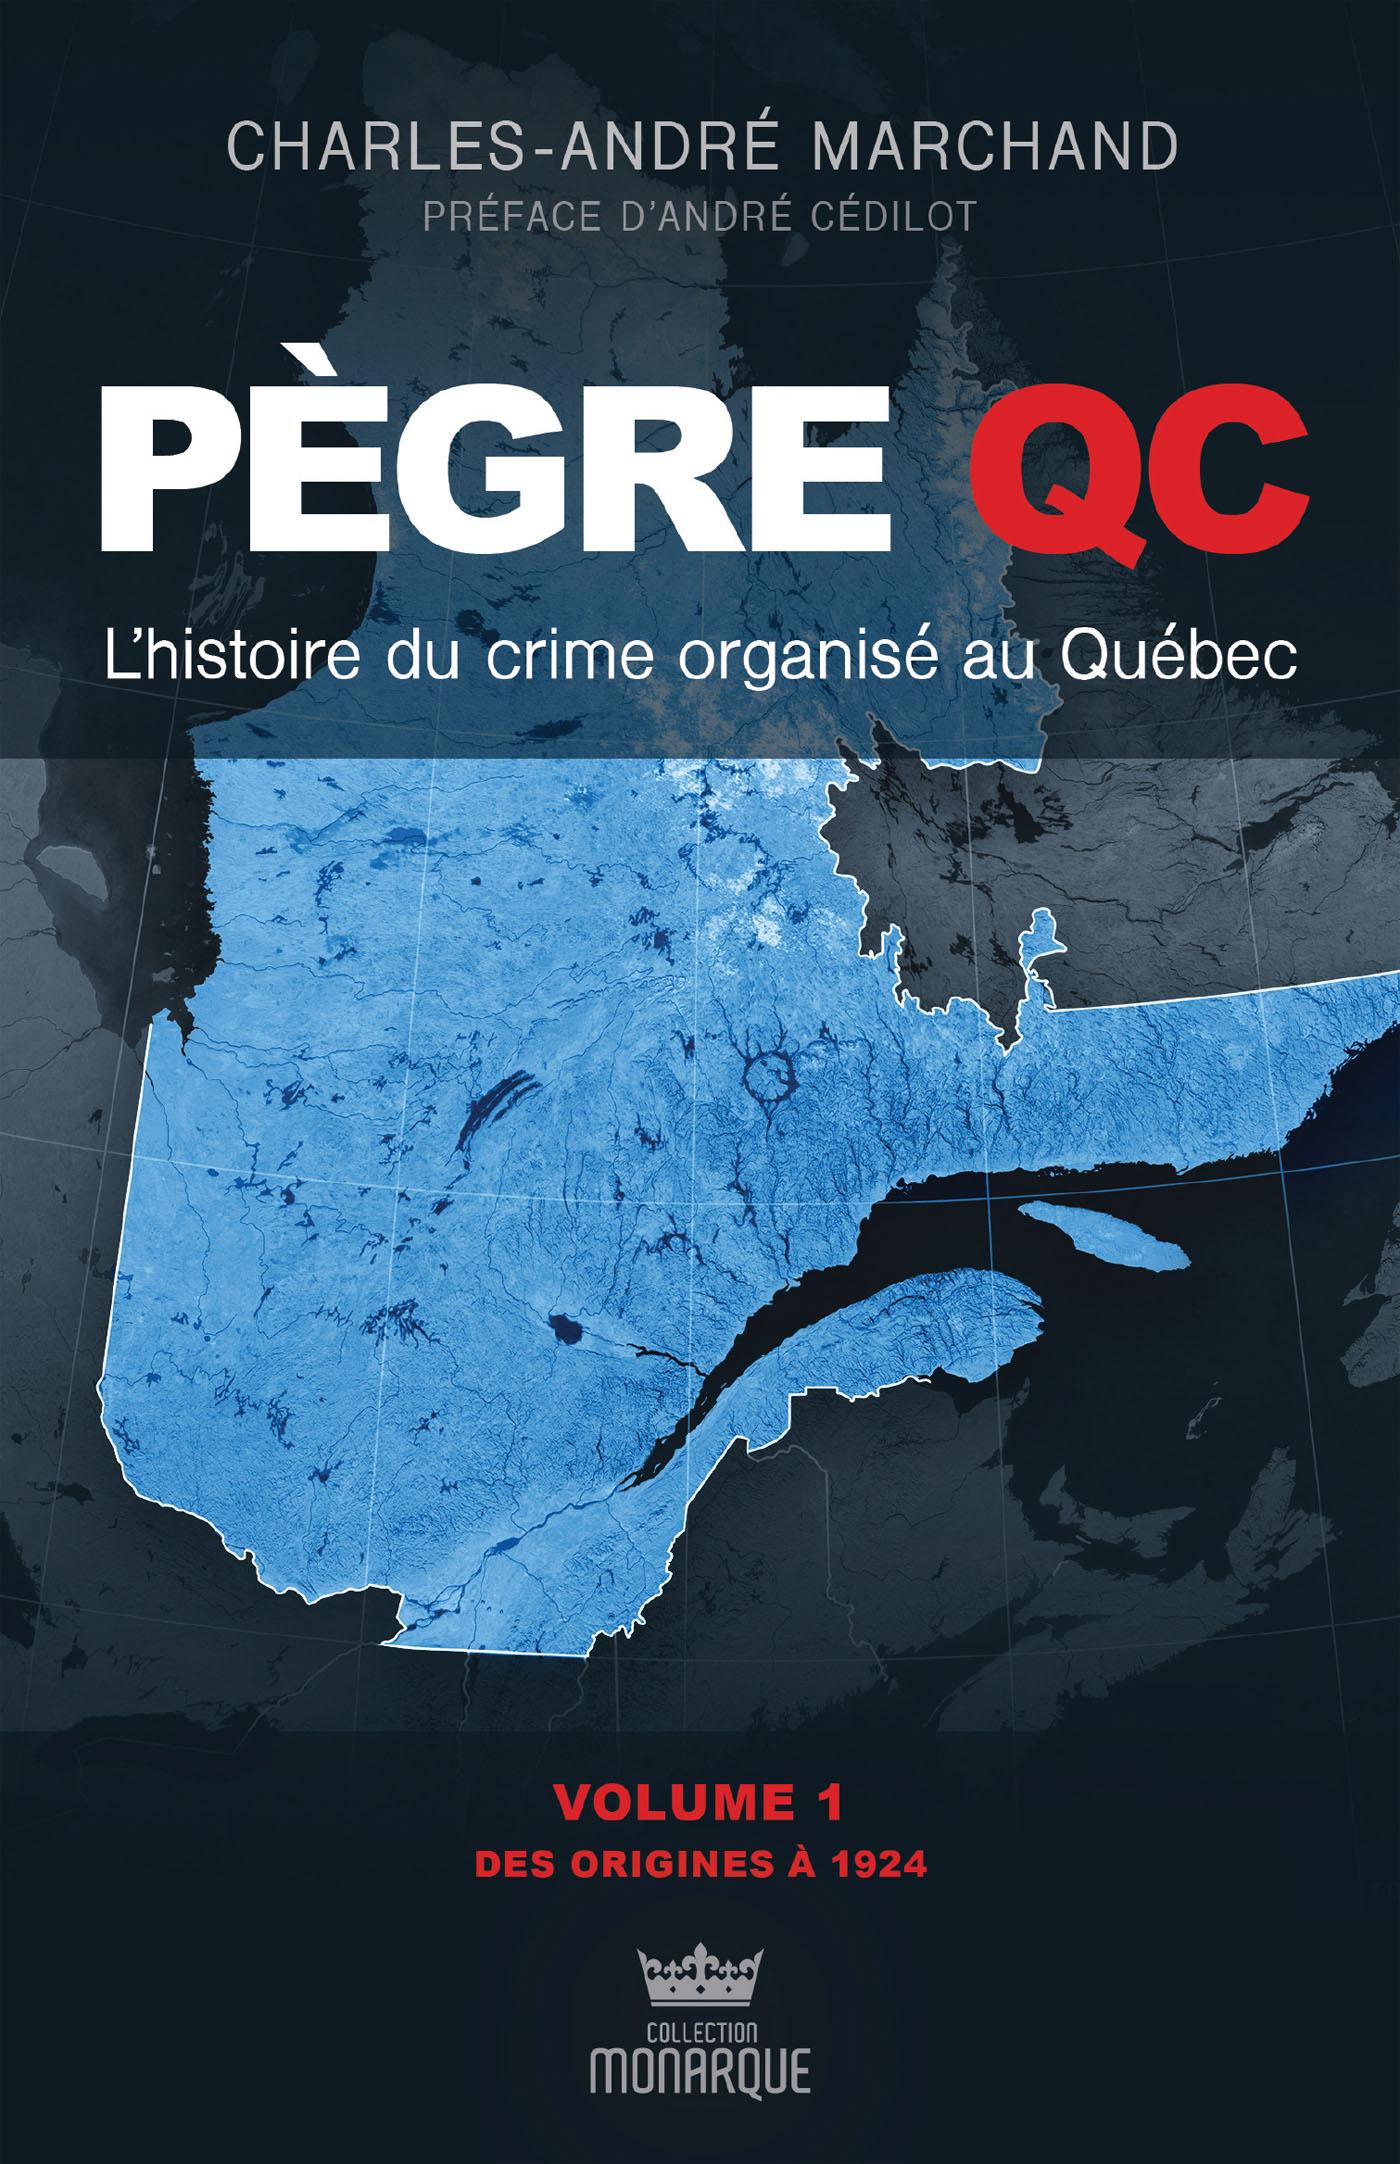 Pegre Qc L Histoire Du Crime Organise Au Quebec T 1 Par Charles Andre Marchand Essais Affaires Criminelles Leslibraires Ca